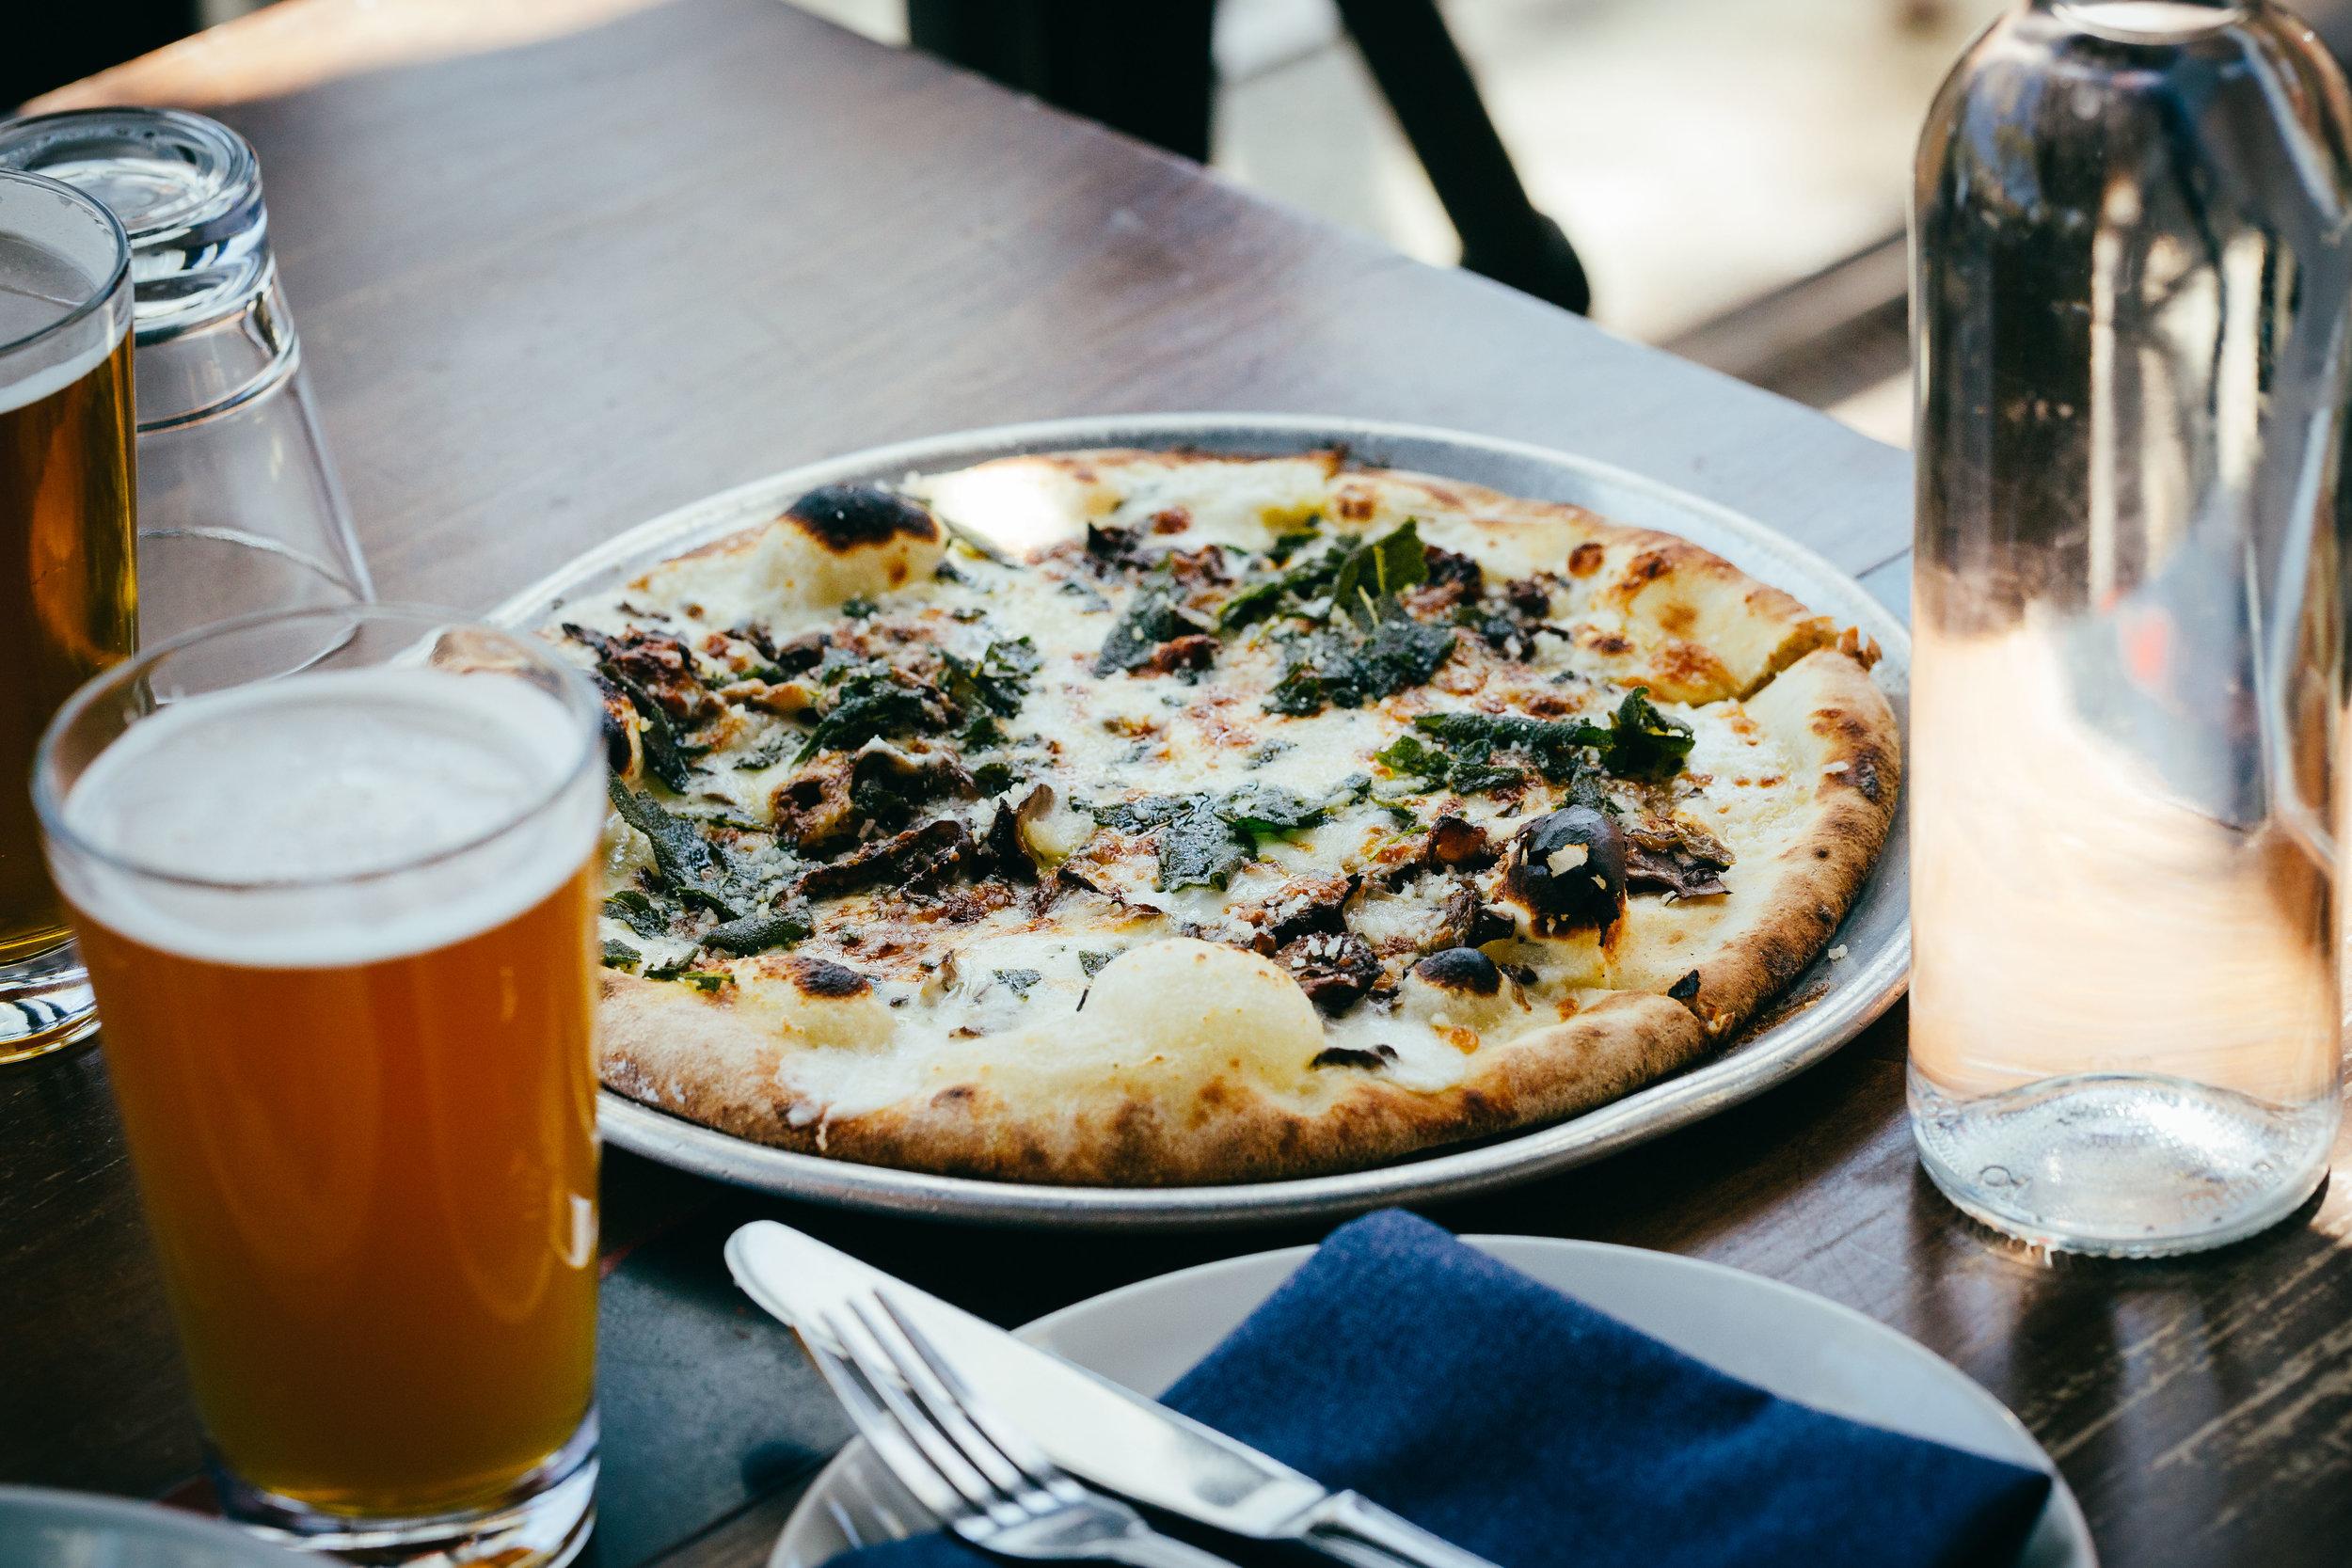 Wildcraft Pizza and Beer